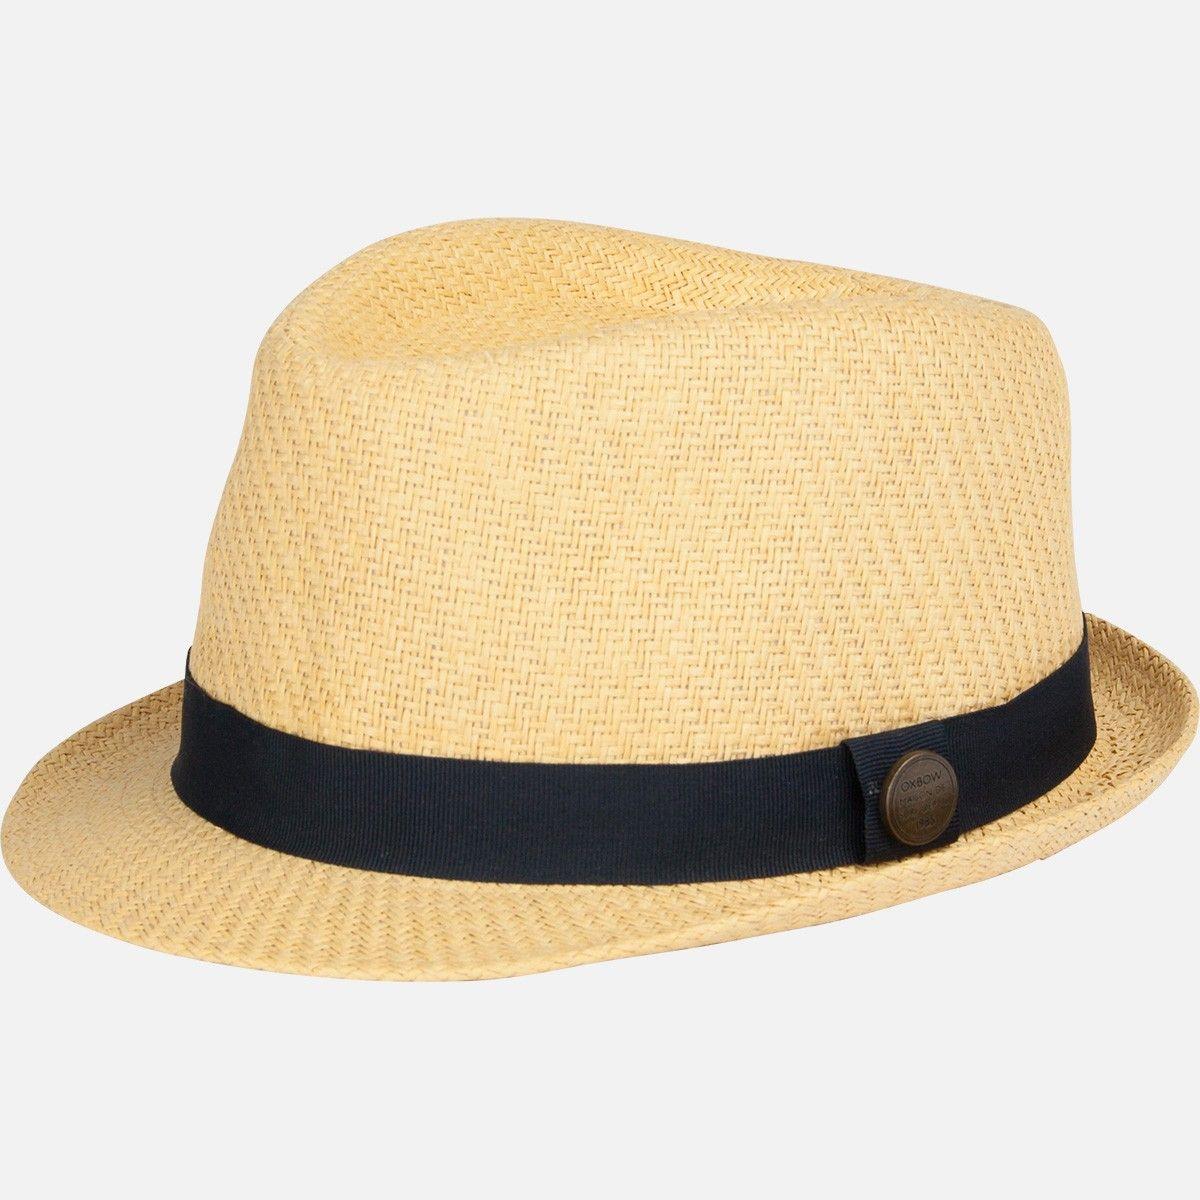 chapeau homme gom paille oxbow chapeaux de paille pinterest chapeaux de paille pailles. Black Bedroom Furniture Sets. Home Design Ideas